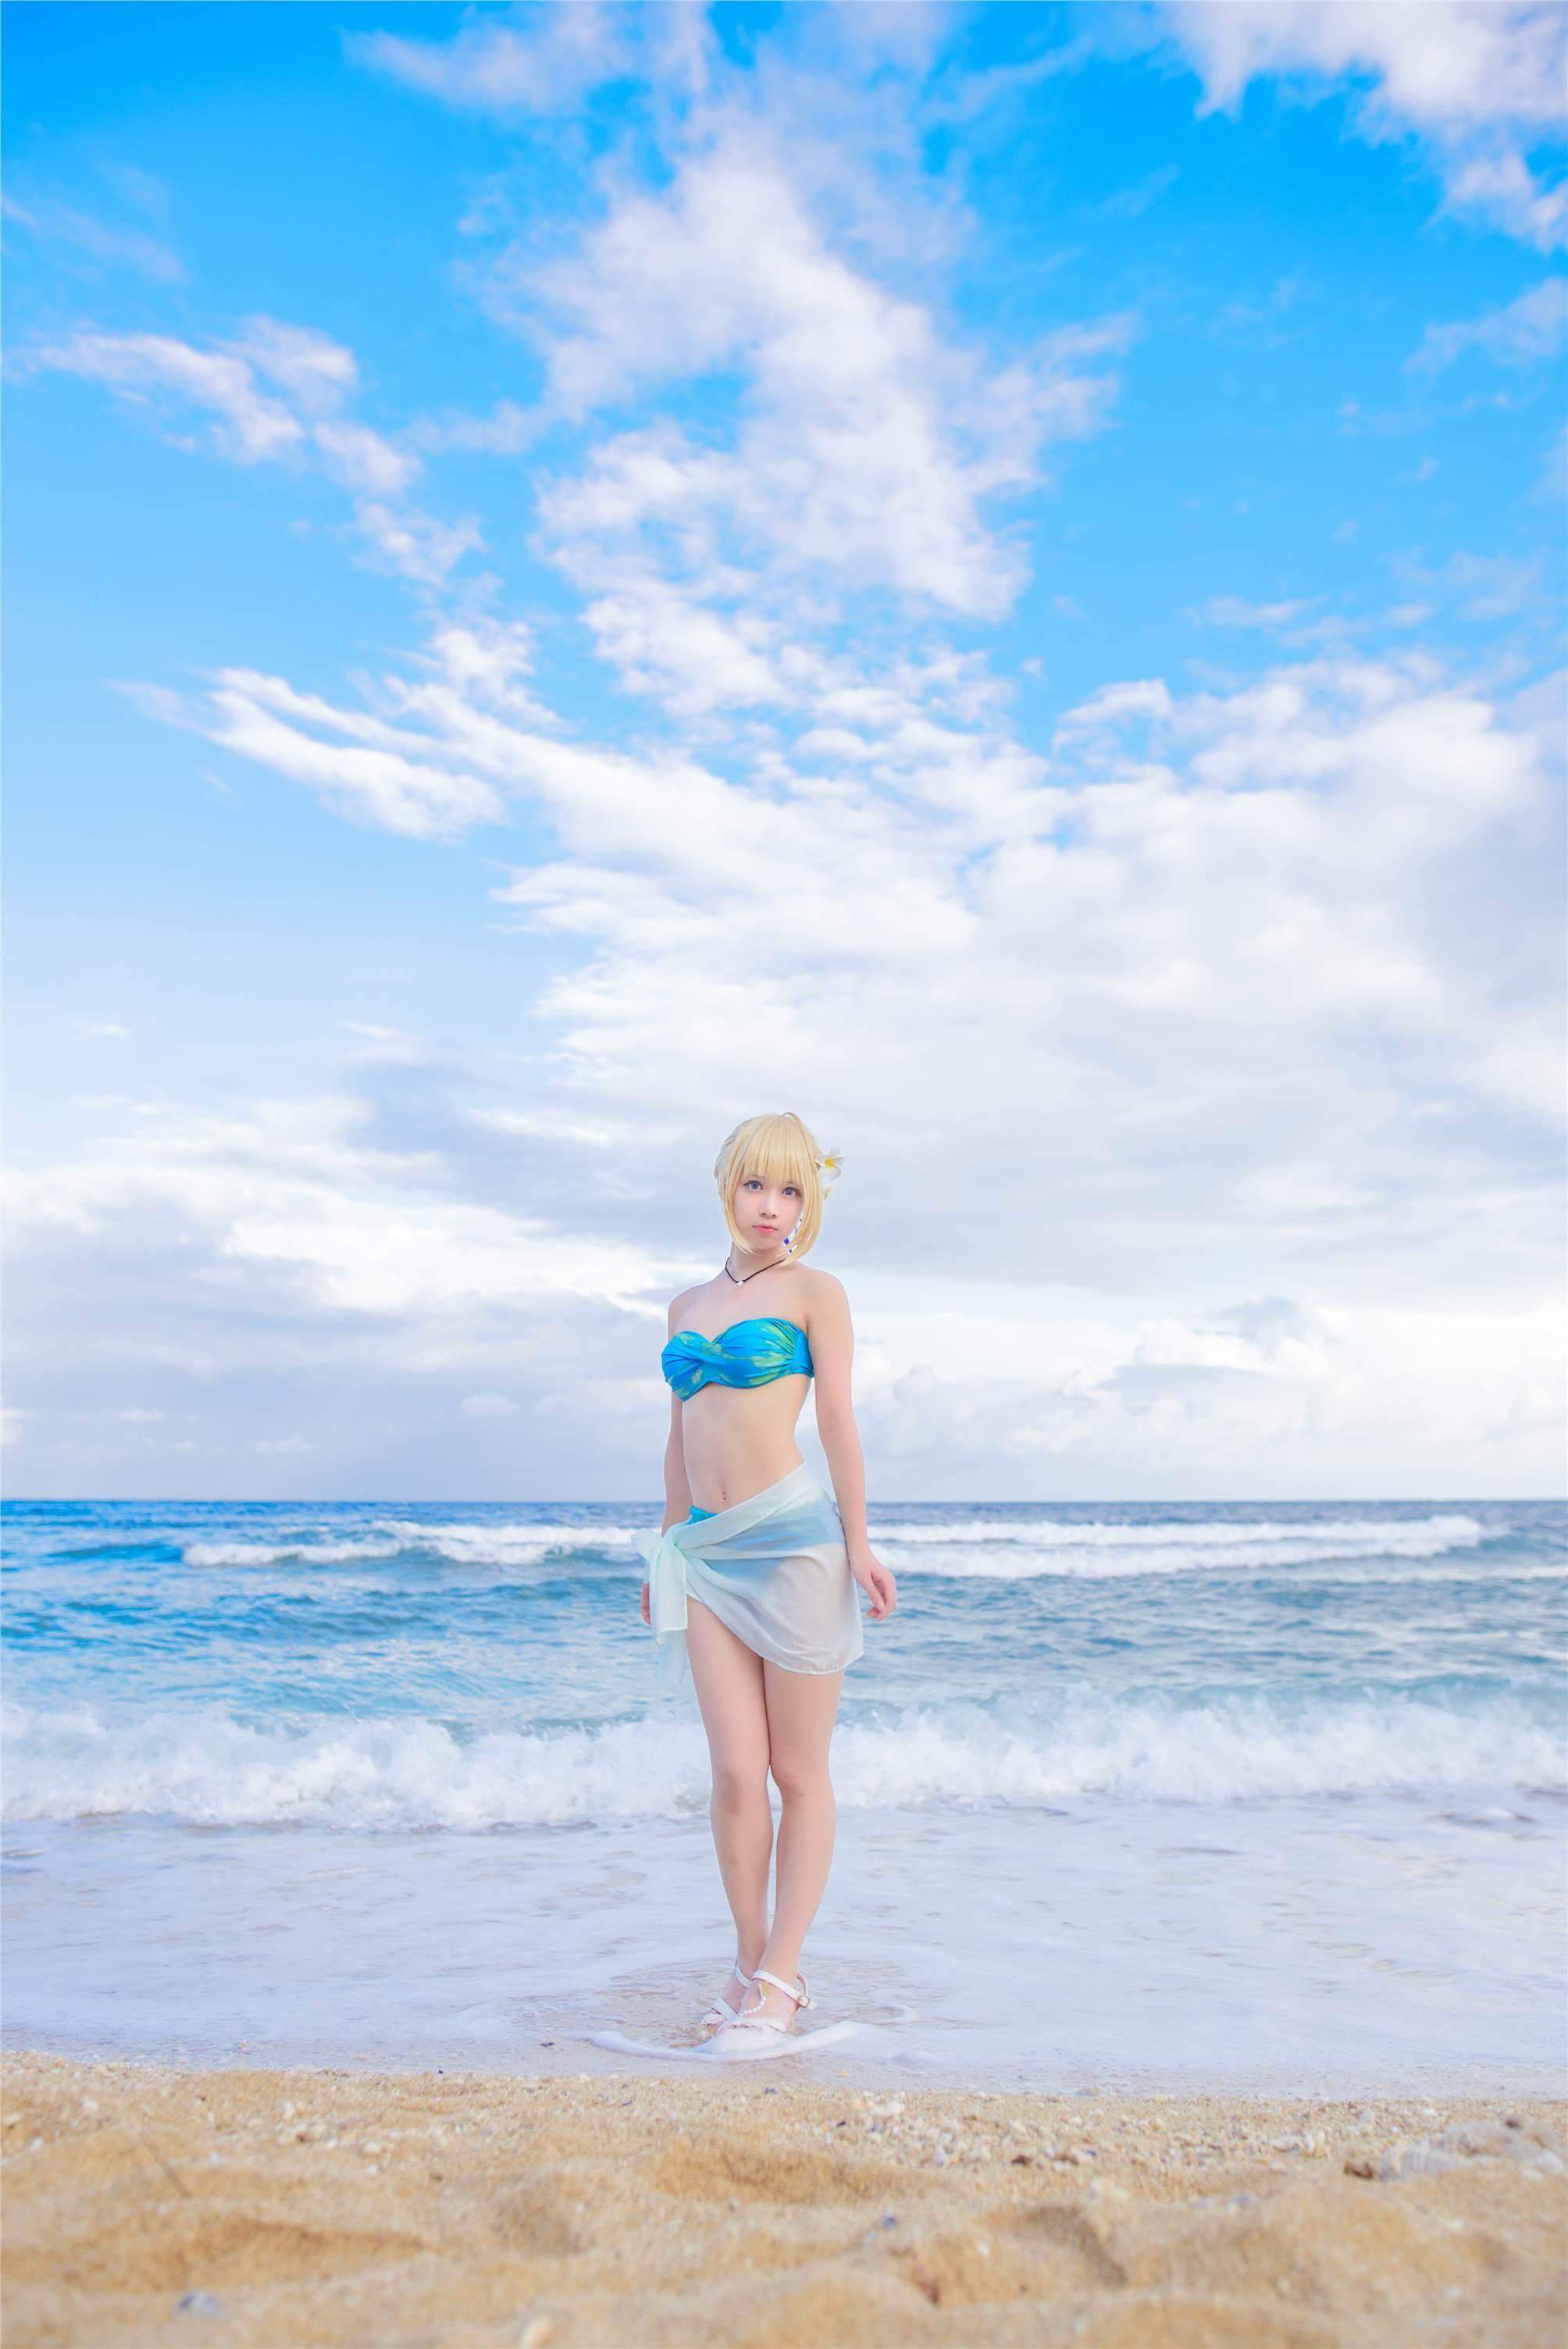 【领域少女】Cos泳装福利05-01